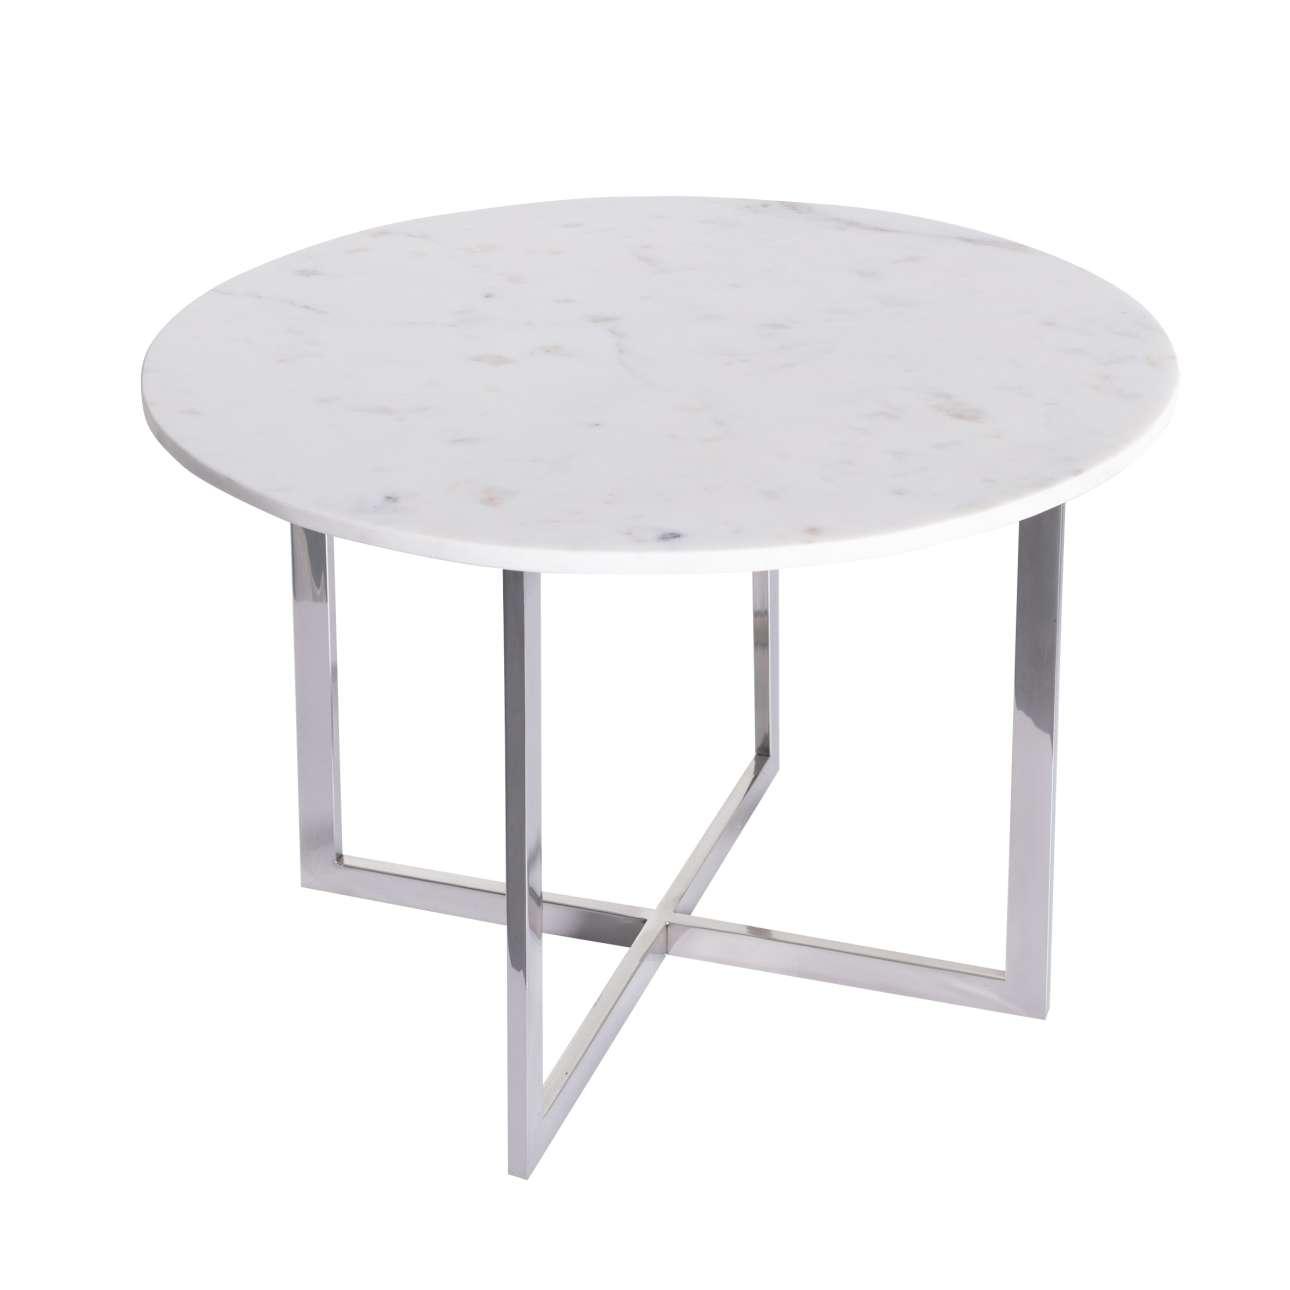 Stolek odkládací Melody, marmor, průměr 60cm